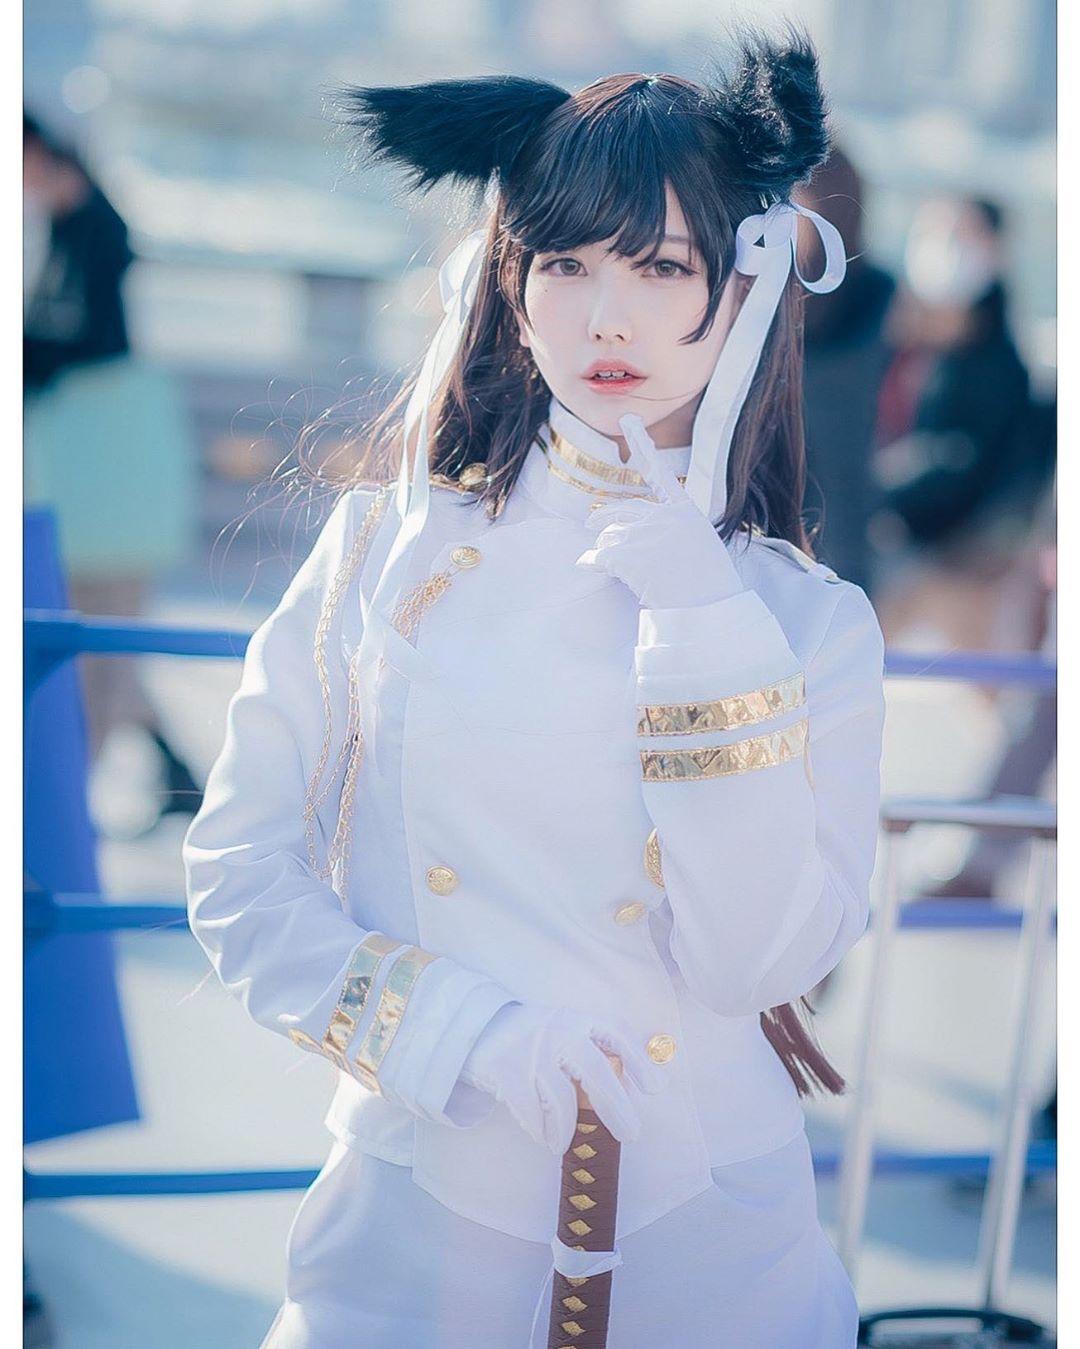 uCN5ku - IG正妹—森嶋あんり